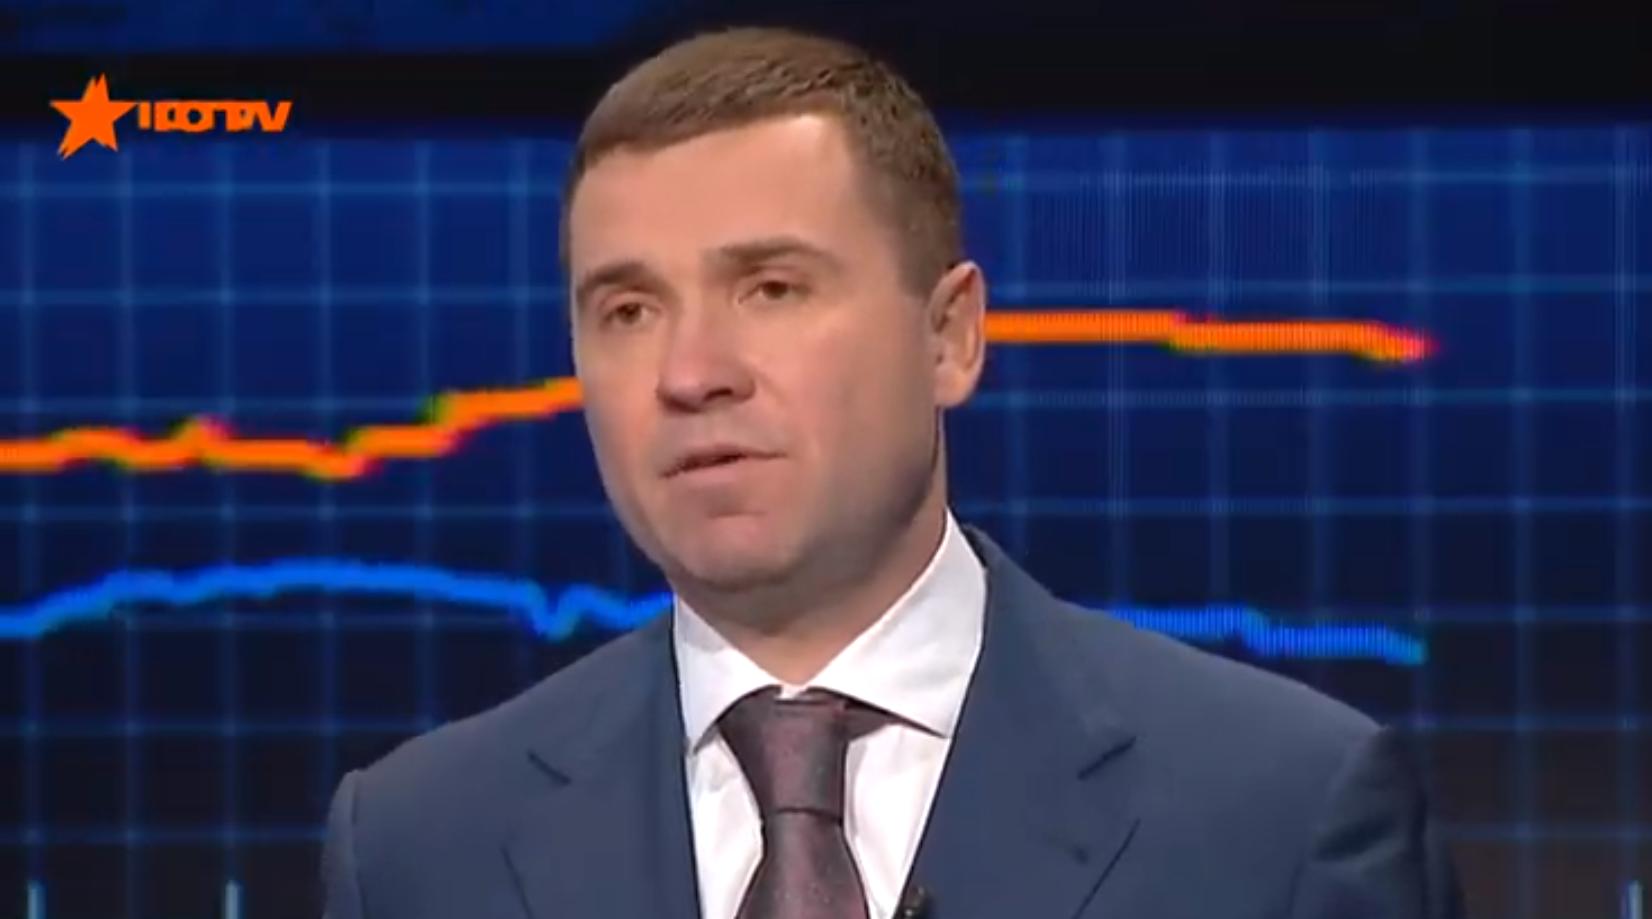 Александр Климчук, начальник департамента контрразведывательной защиты по информационной безопасности СБУ, сообщил, что в ближайшее время будет заблокировано около 100 Интернет ресурсов через экономические санкции